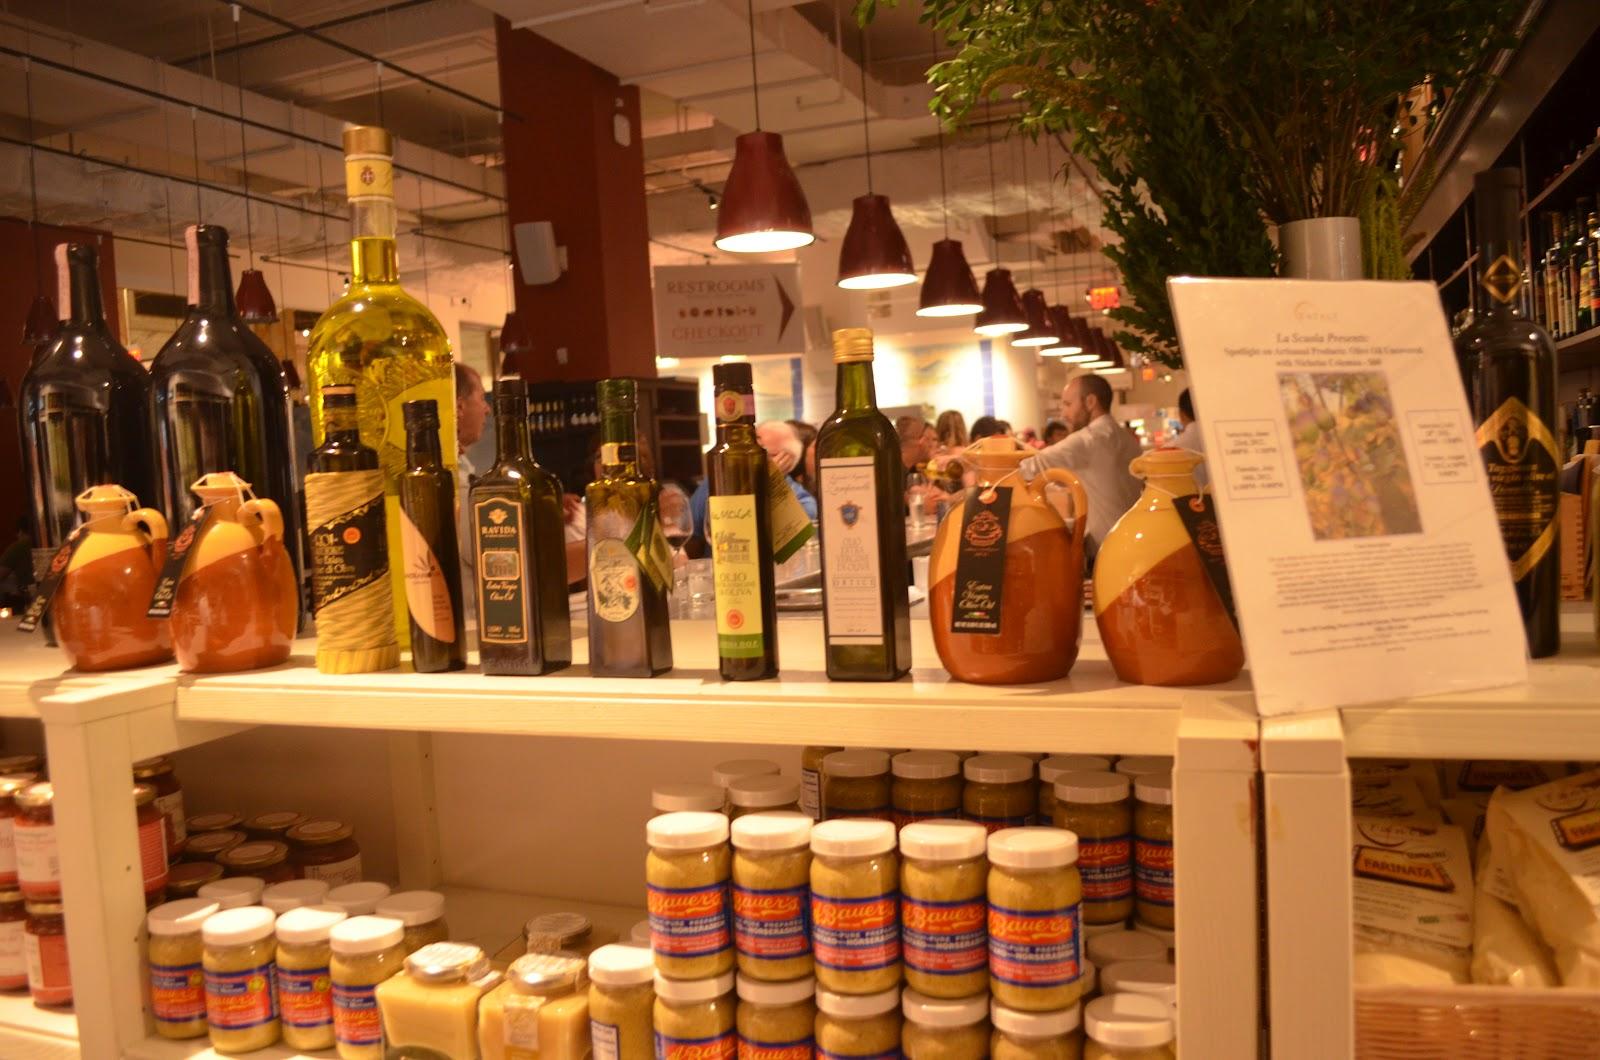 Olive Oil Tasting: Eataly Part 2 - The Wanderfull Traveler